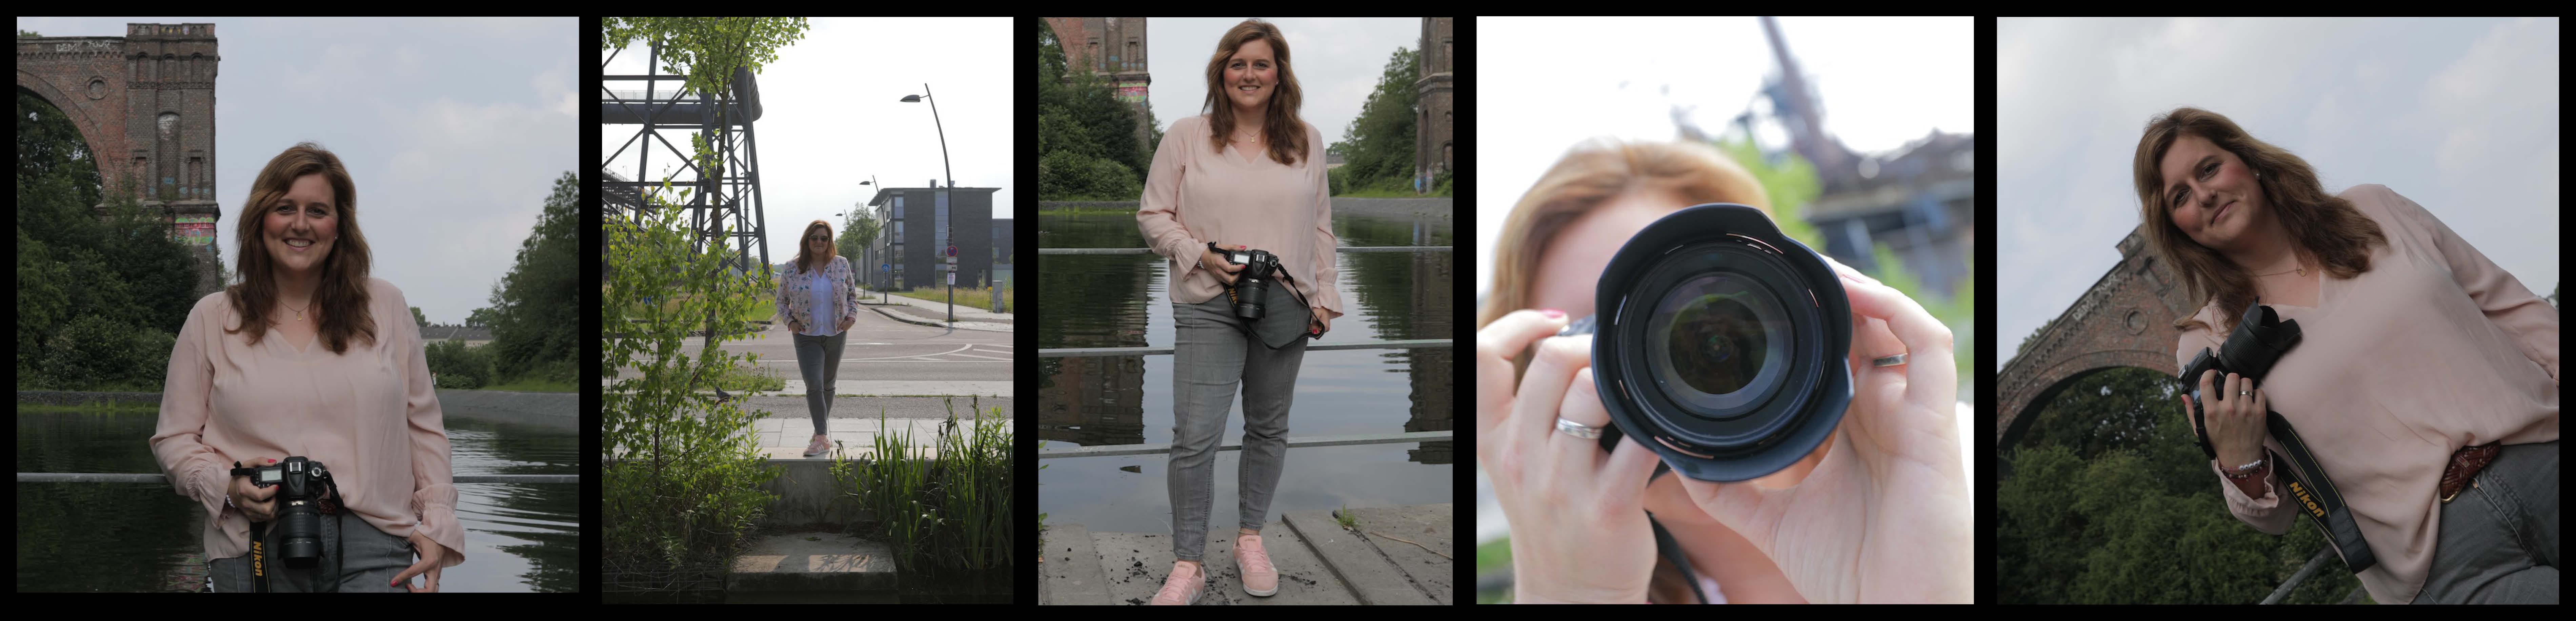 Video-und-Online-Content - den gibt es von Sarah Dunkel. Hier sieht man die Videojournalistin und Online-Redakteurin auf einem Fotostreifen mit fünf verschiedenen Einstellungen.